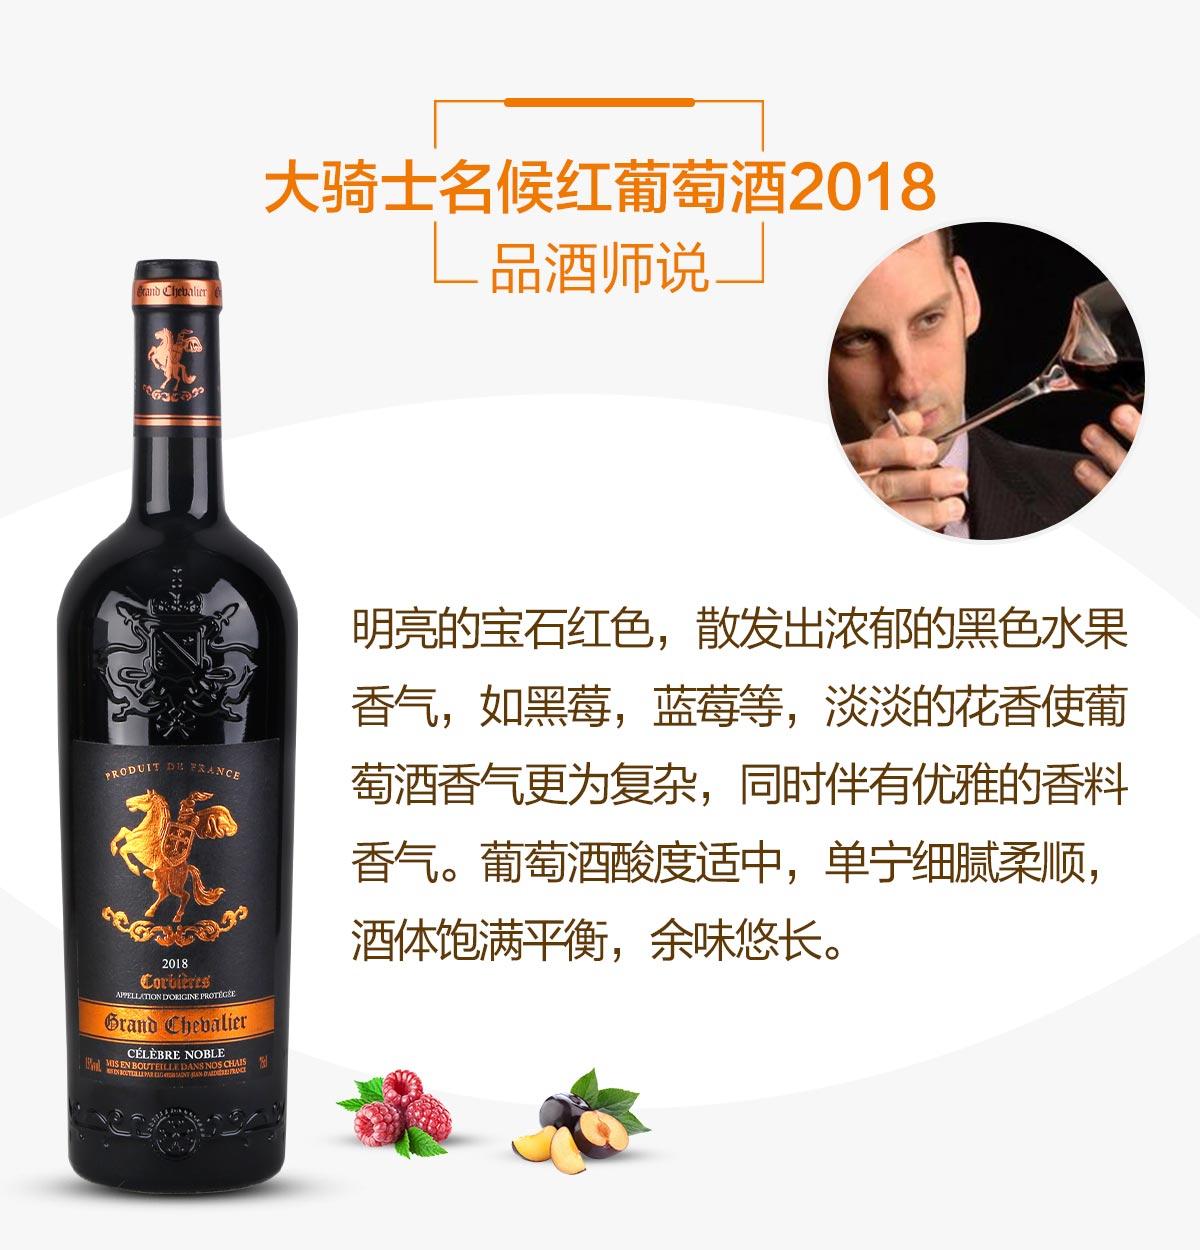 大骑士名侯红葡萄酒2018